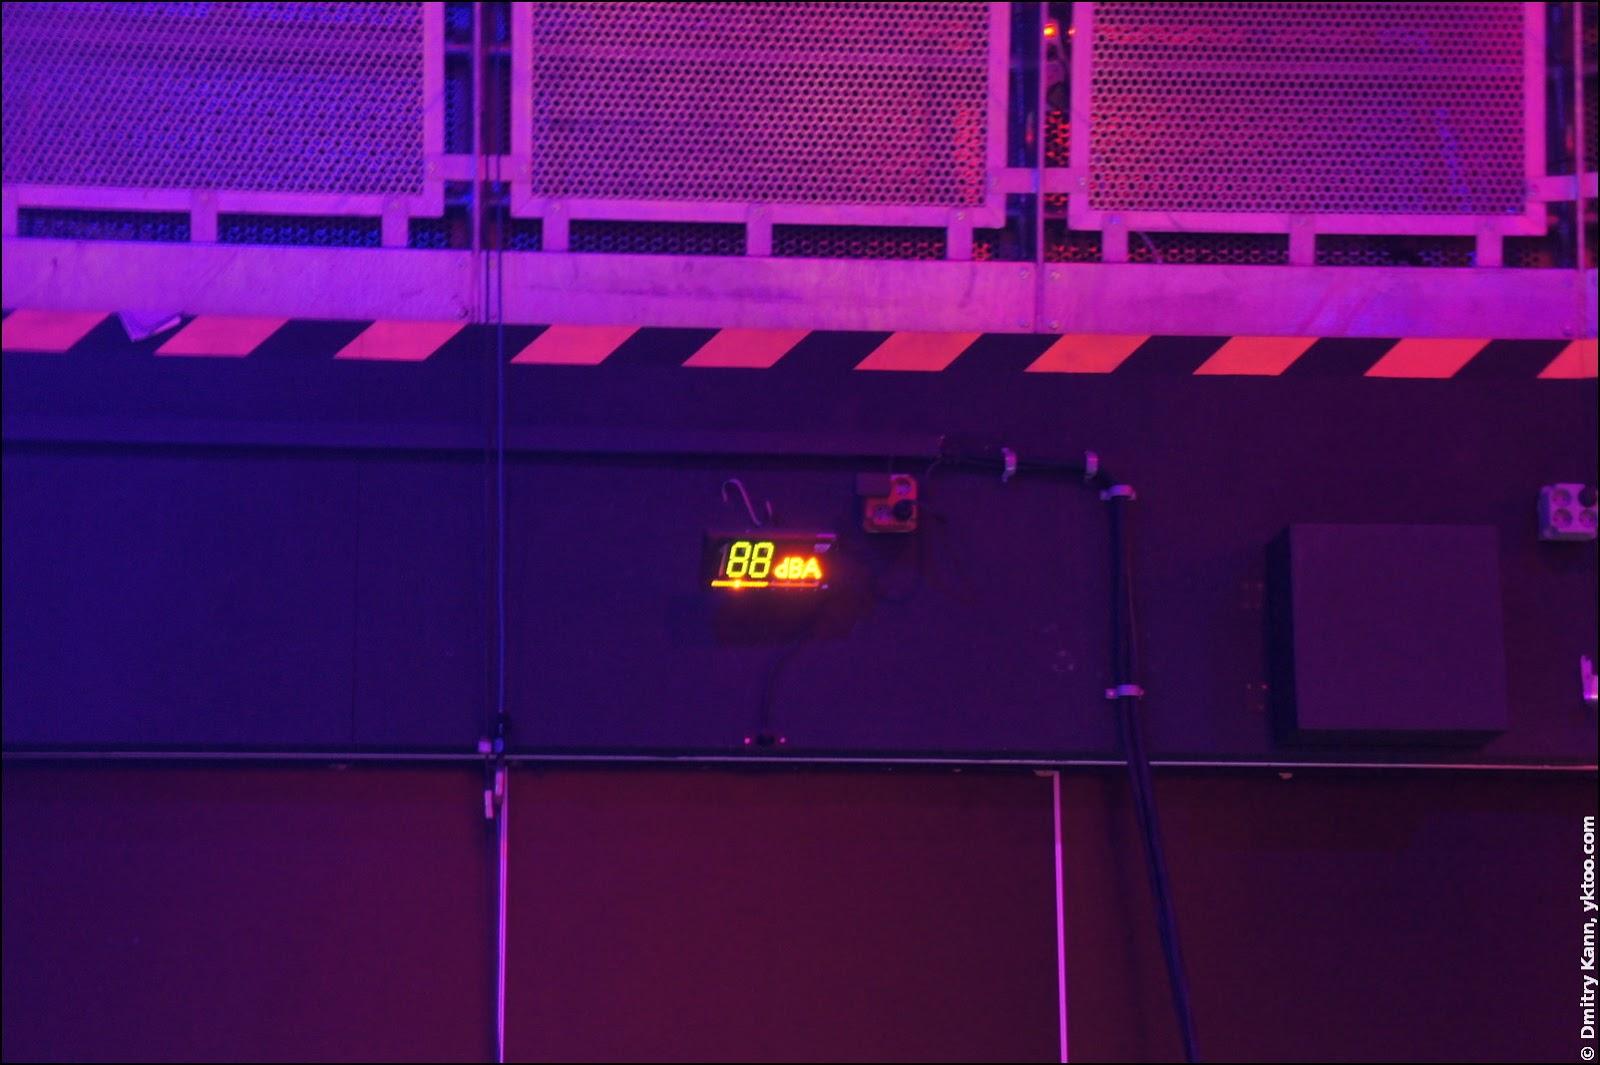 Измеритель звукового давления в клубе: 88 dBA.